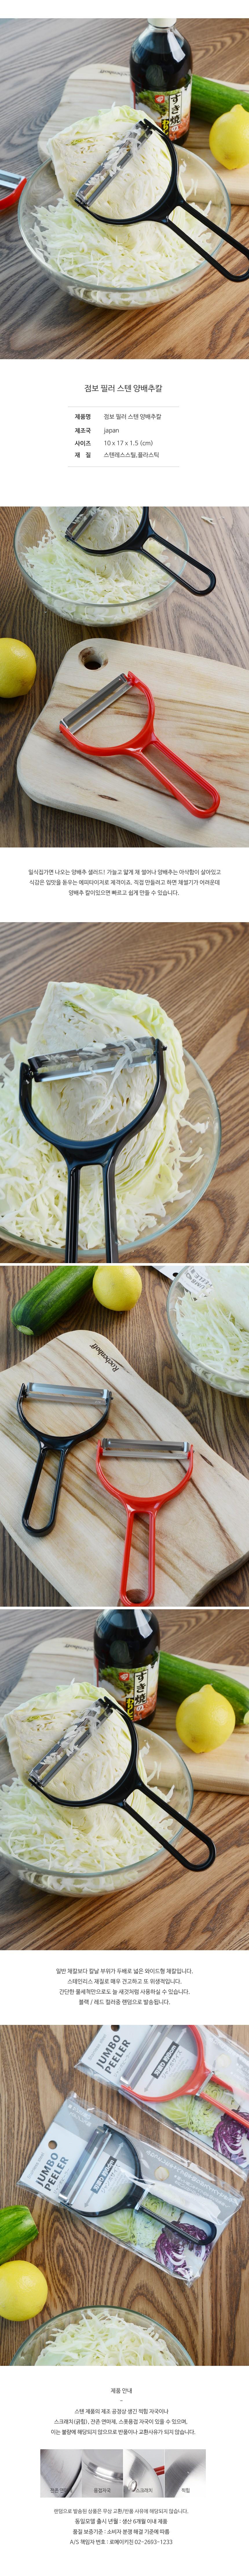 스텐 점보필러 양배추칼 - 로메이키친5, 3,300원, 칼/커팅기구, 채소 다지기